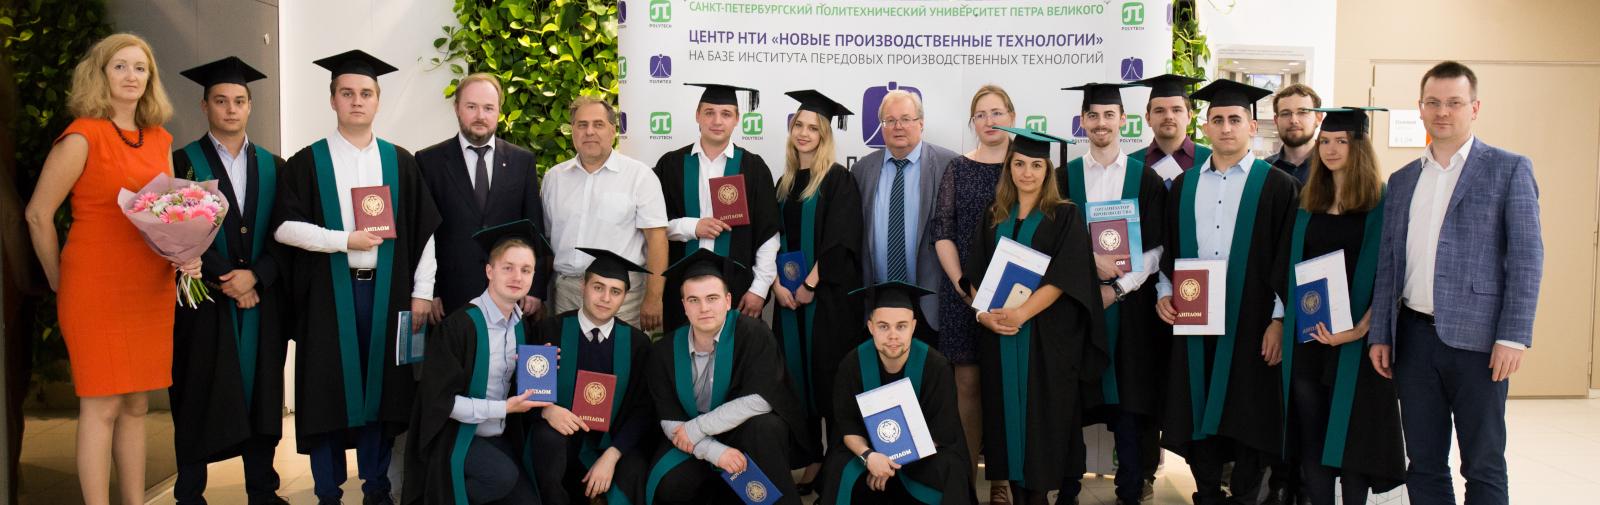 Дипломы 2018